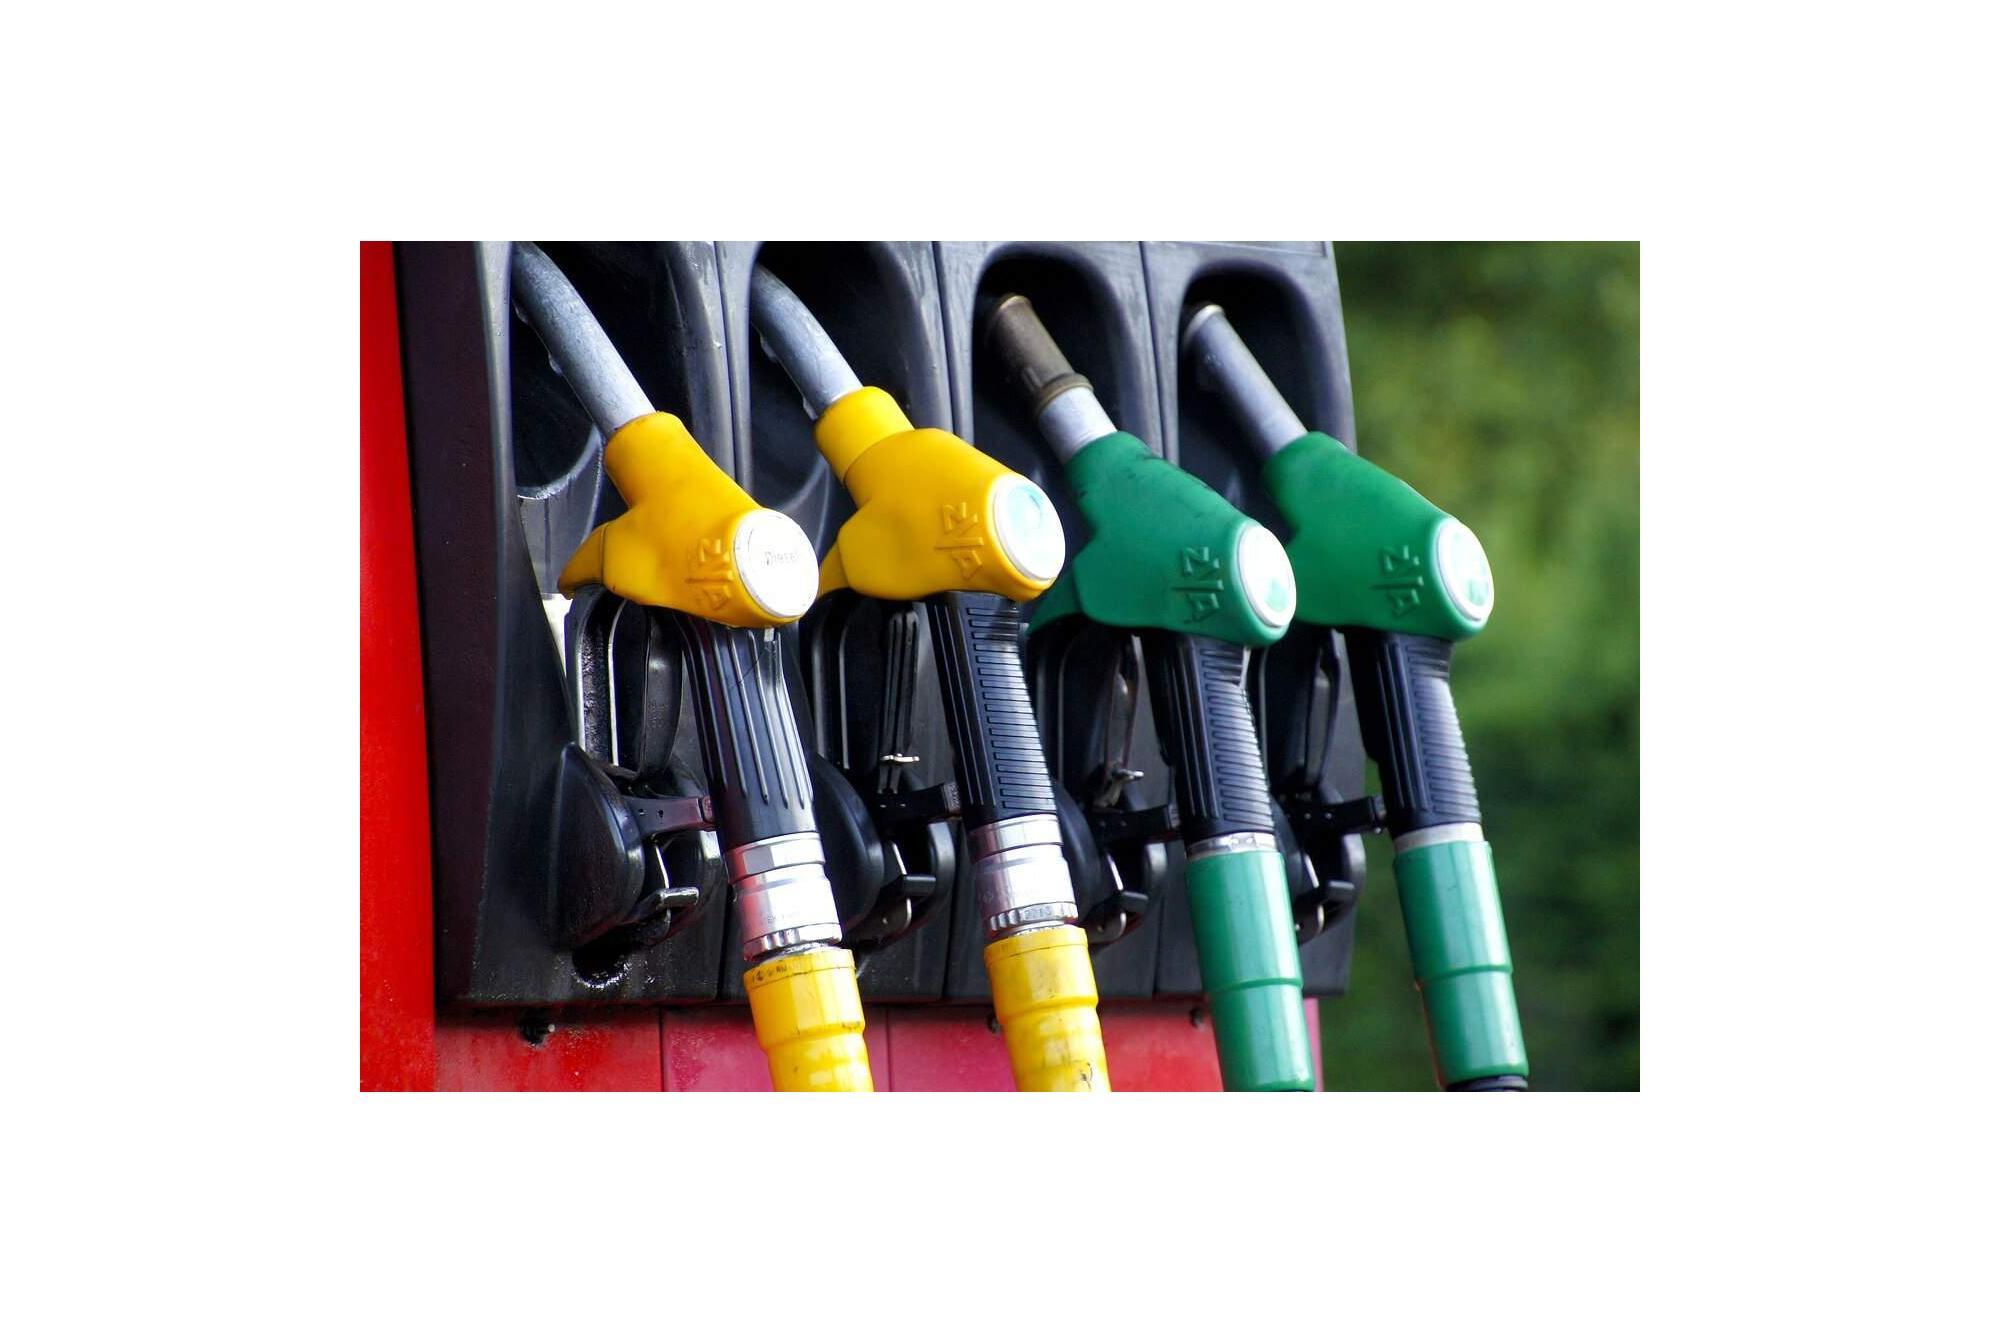 ΣΕΕΠΕ για τιμές καυσίμων